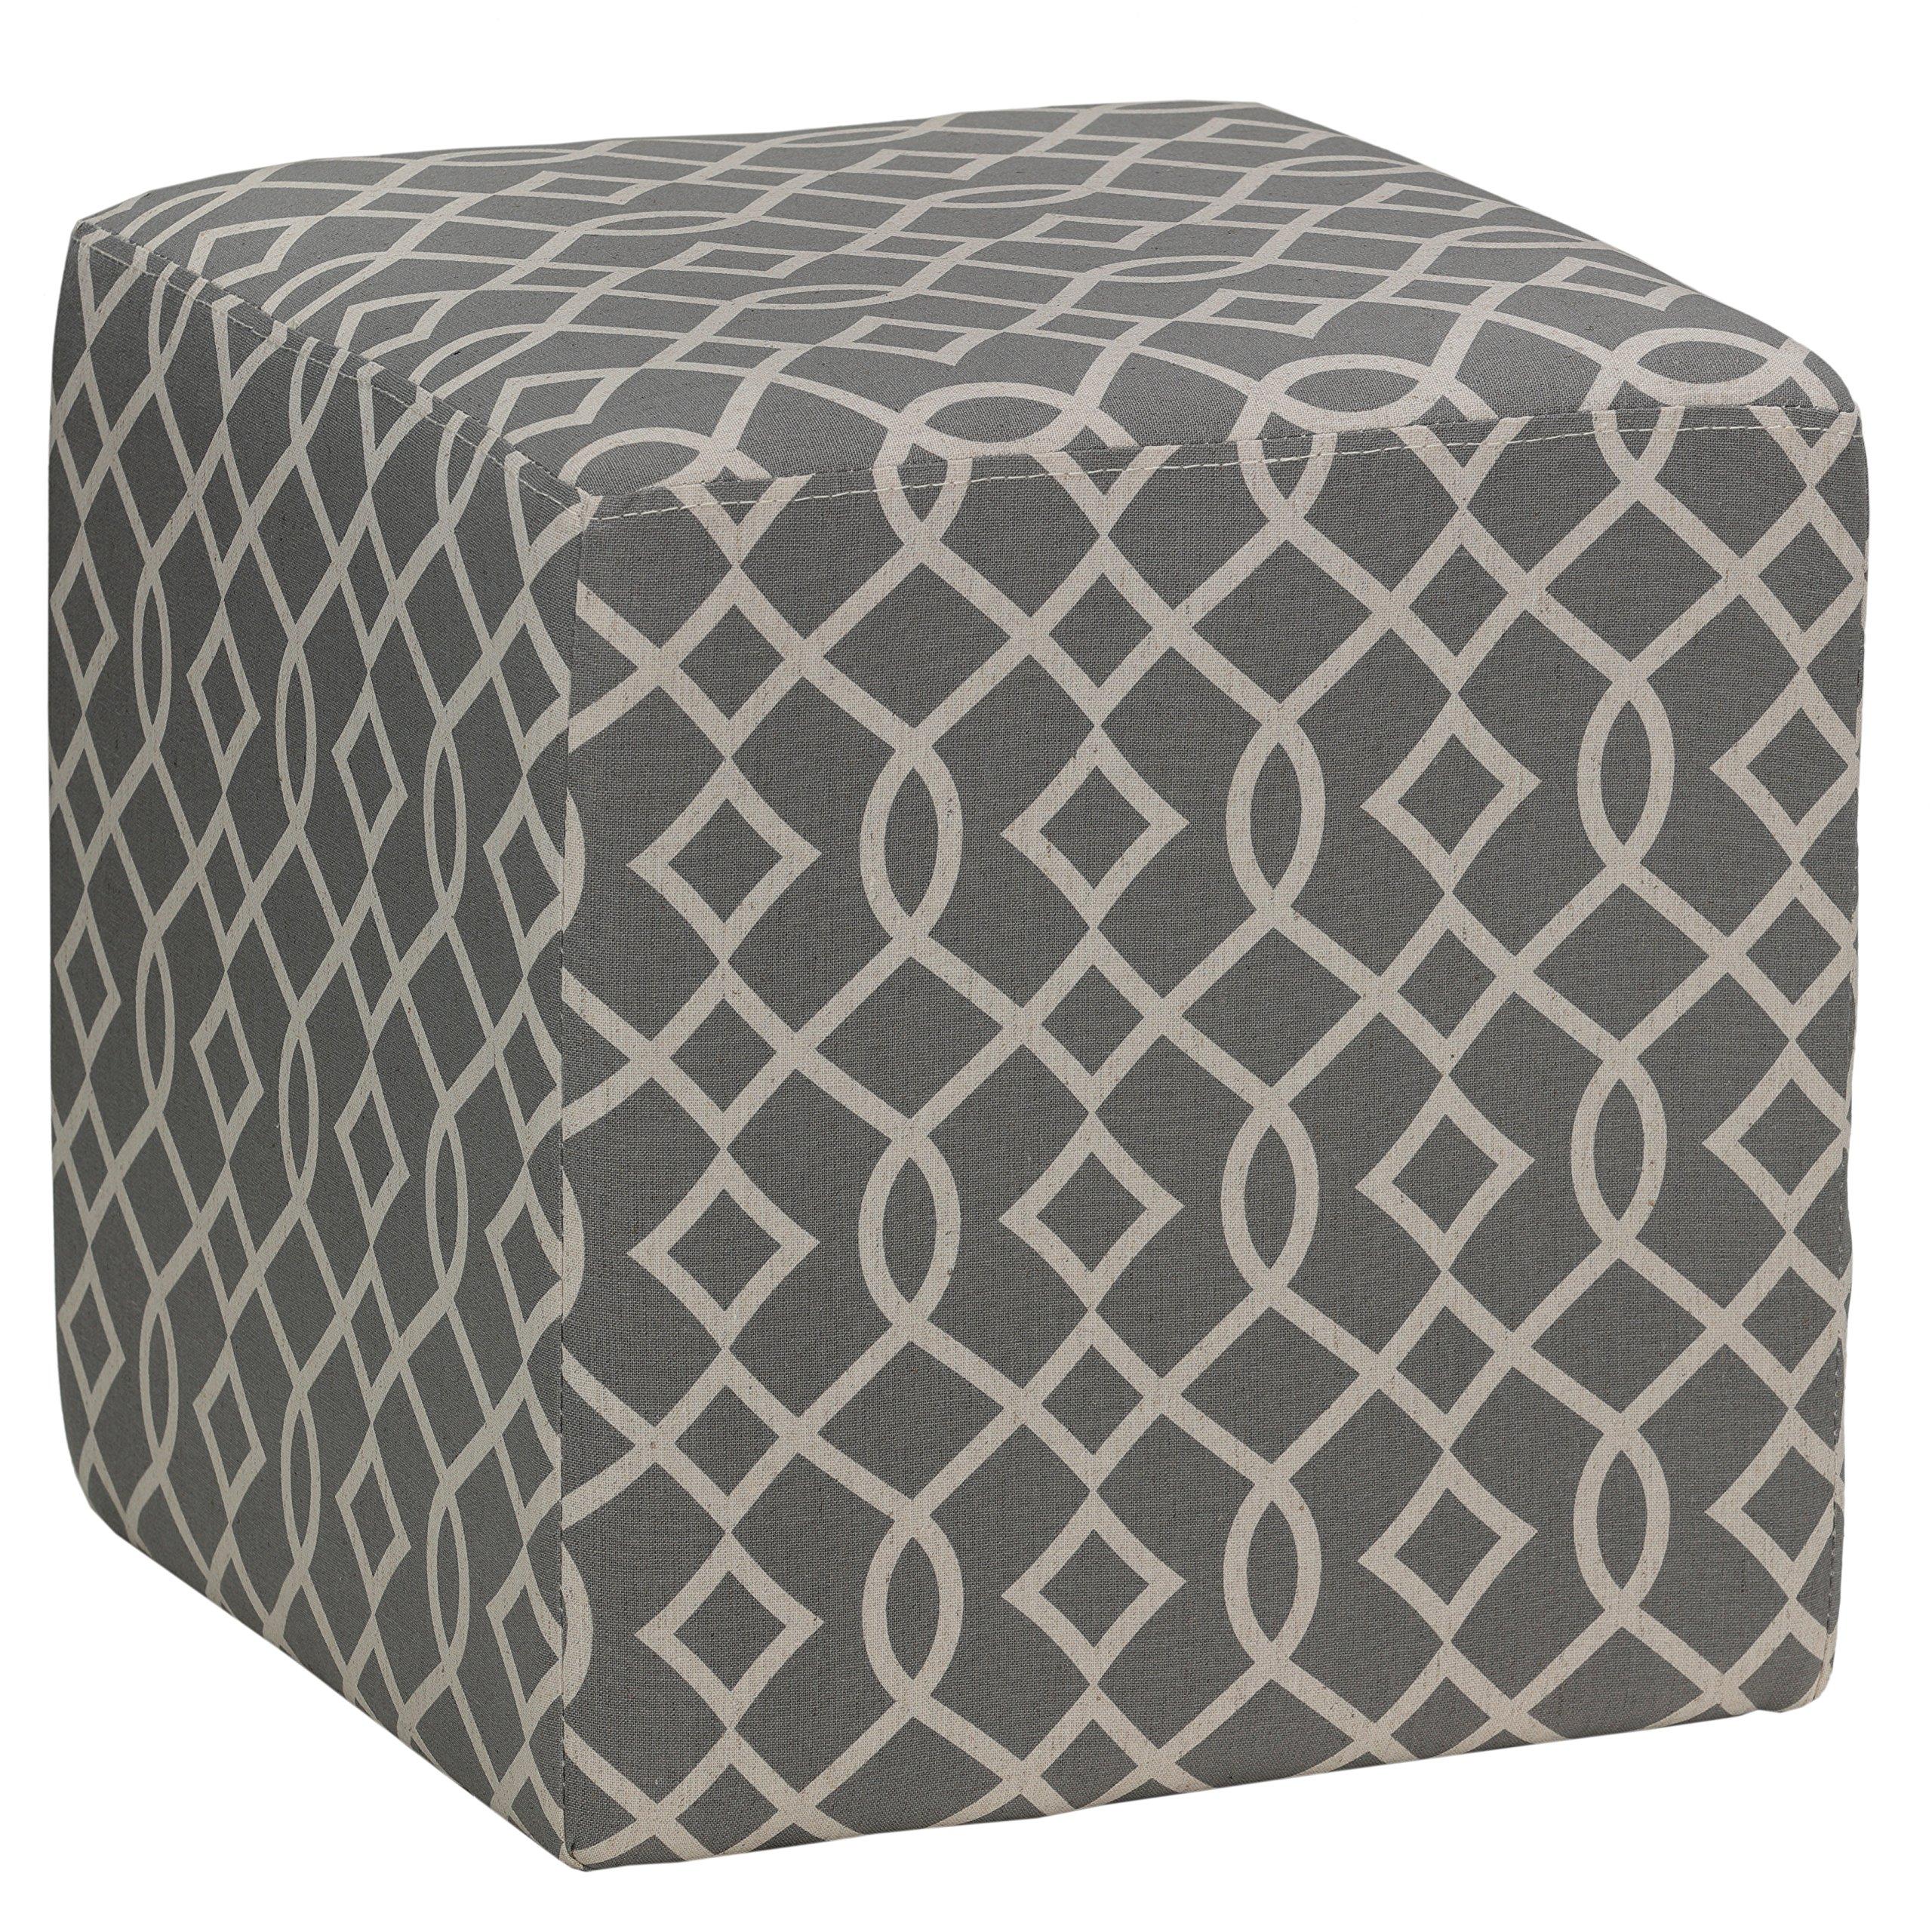 Cortesi Home Braque Grey Cube Ottoman in Linen Fabric, 15''